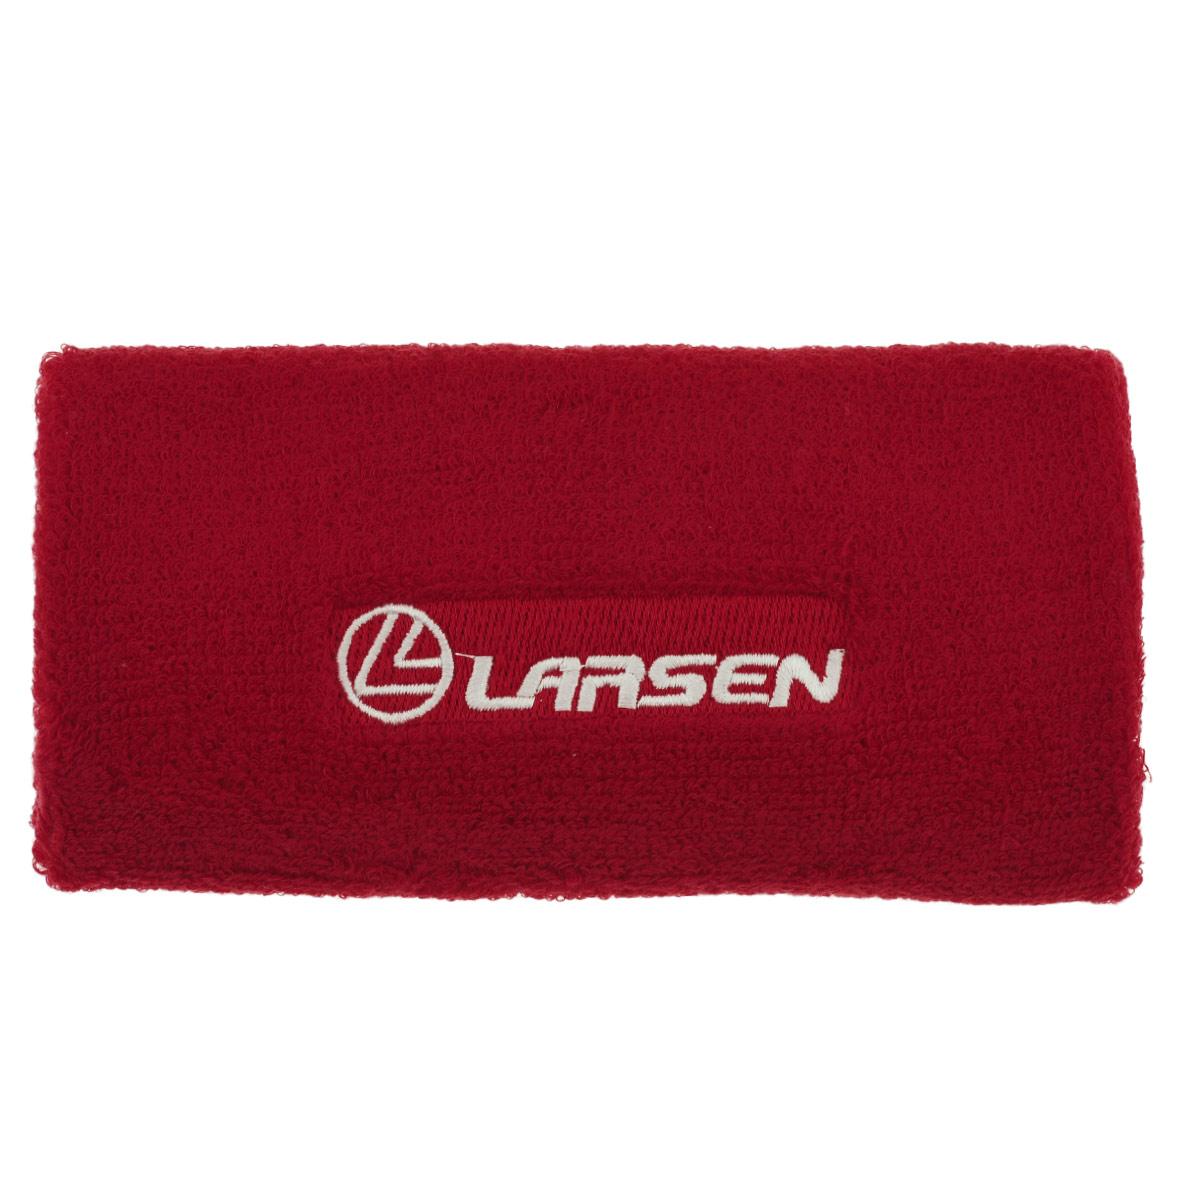 Напульсник широкий Larsen, цвет: красный142-8 (142-9)Напульсник Larsen - неотъемлемый аксессуар, который пригодится на занятиях аэробикой, фитнессом и прочих видах спорта. Размер универсален и подойдет каждому. Напульсник выполнен из хлопка с добавлением нейлона и эластана.